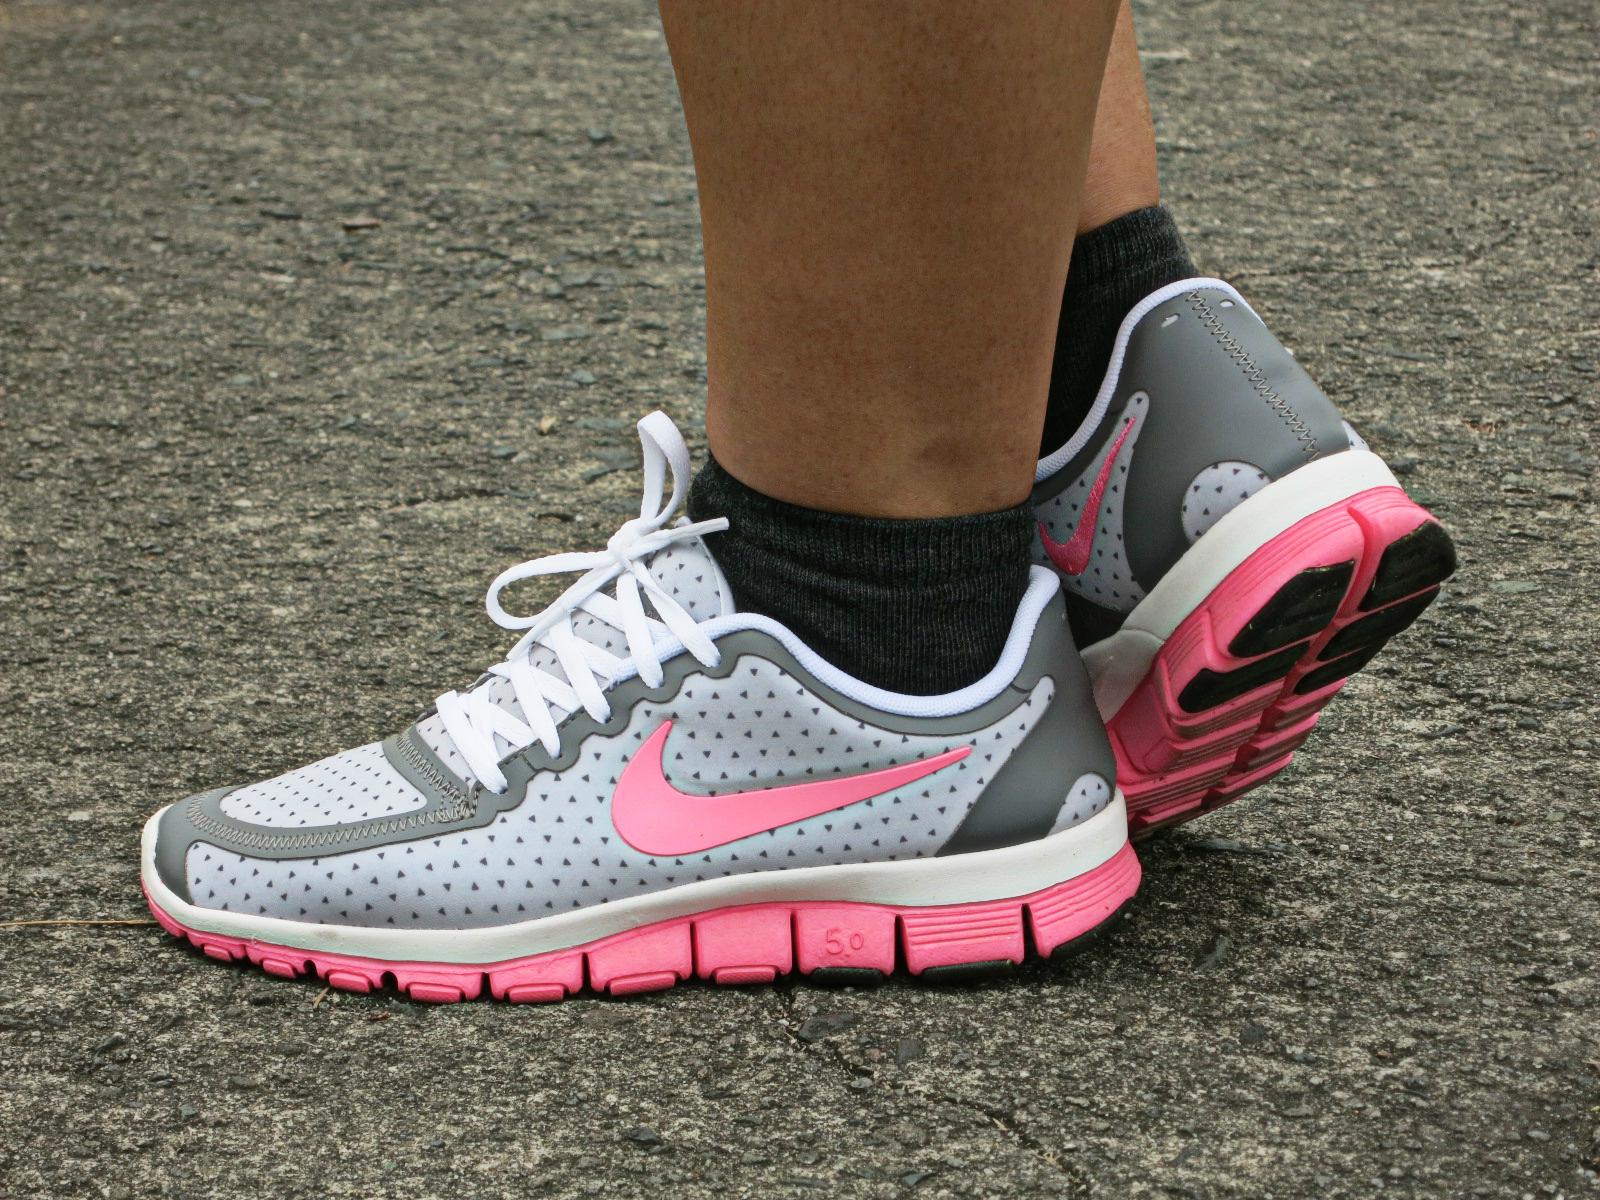 Nike Shoe Fit